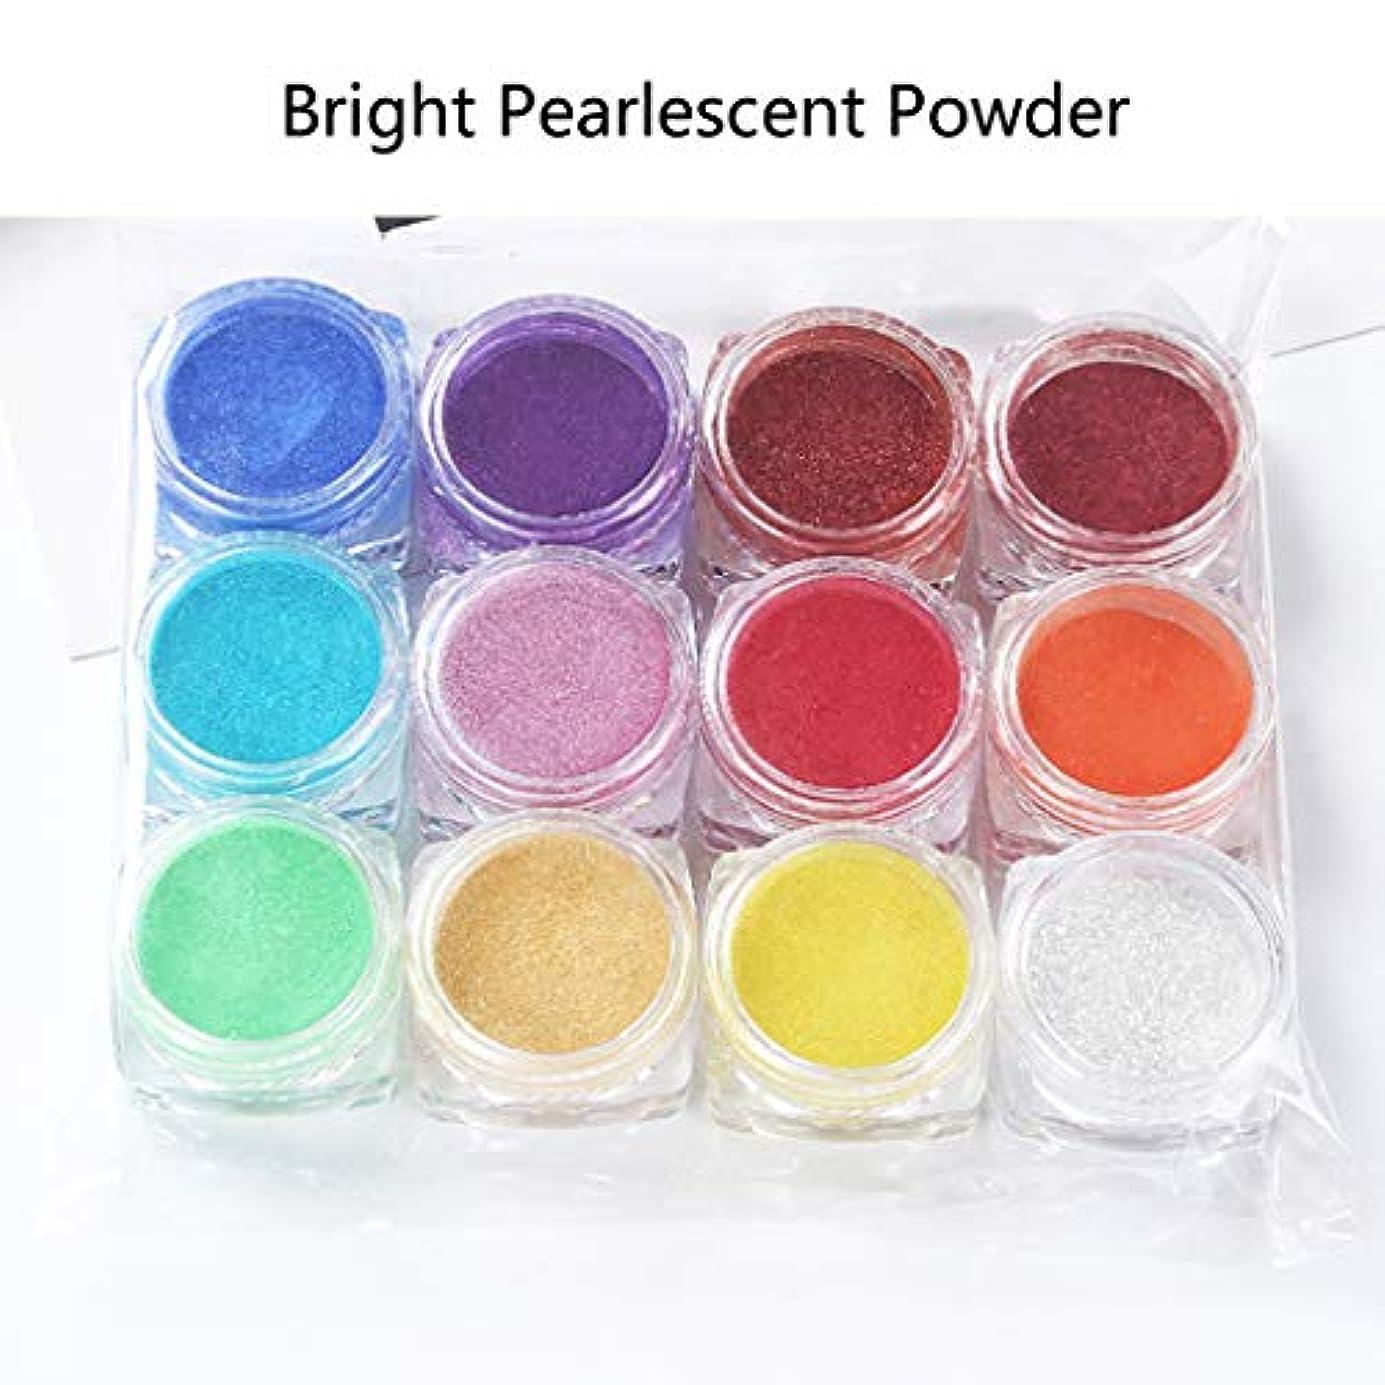 光沢のあるビジュアルどれかジャッキーパールパウダースターセット(終了)-1#ブライトシリーズパールパウダー12色マイカパウダーエポキシ樹脂染料パール顔料天然マイカミネラルパウダー